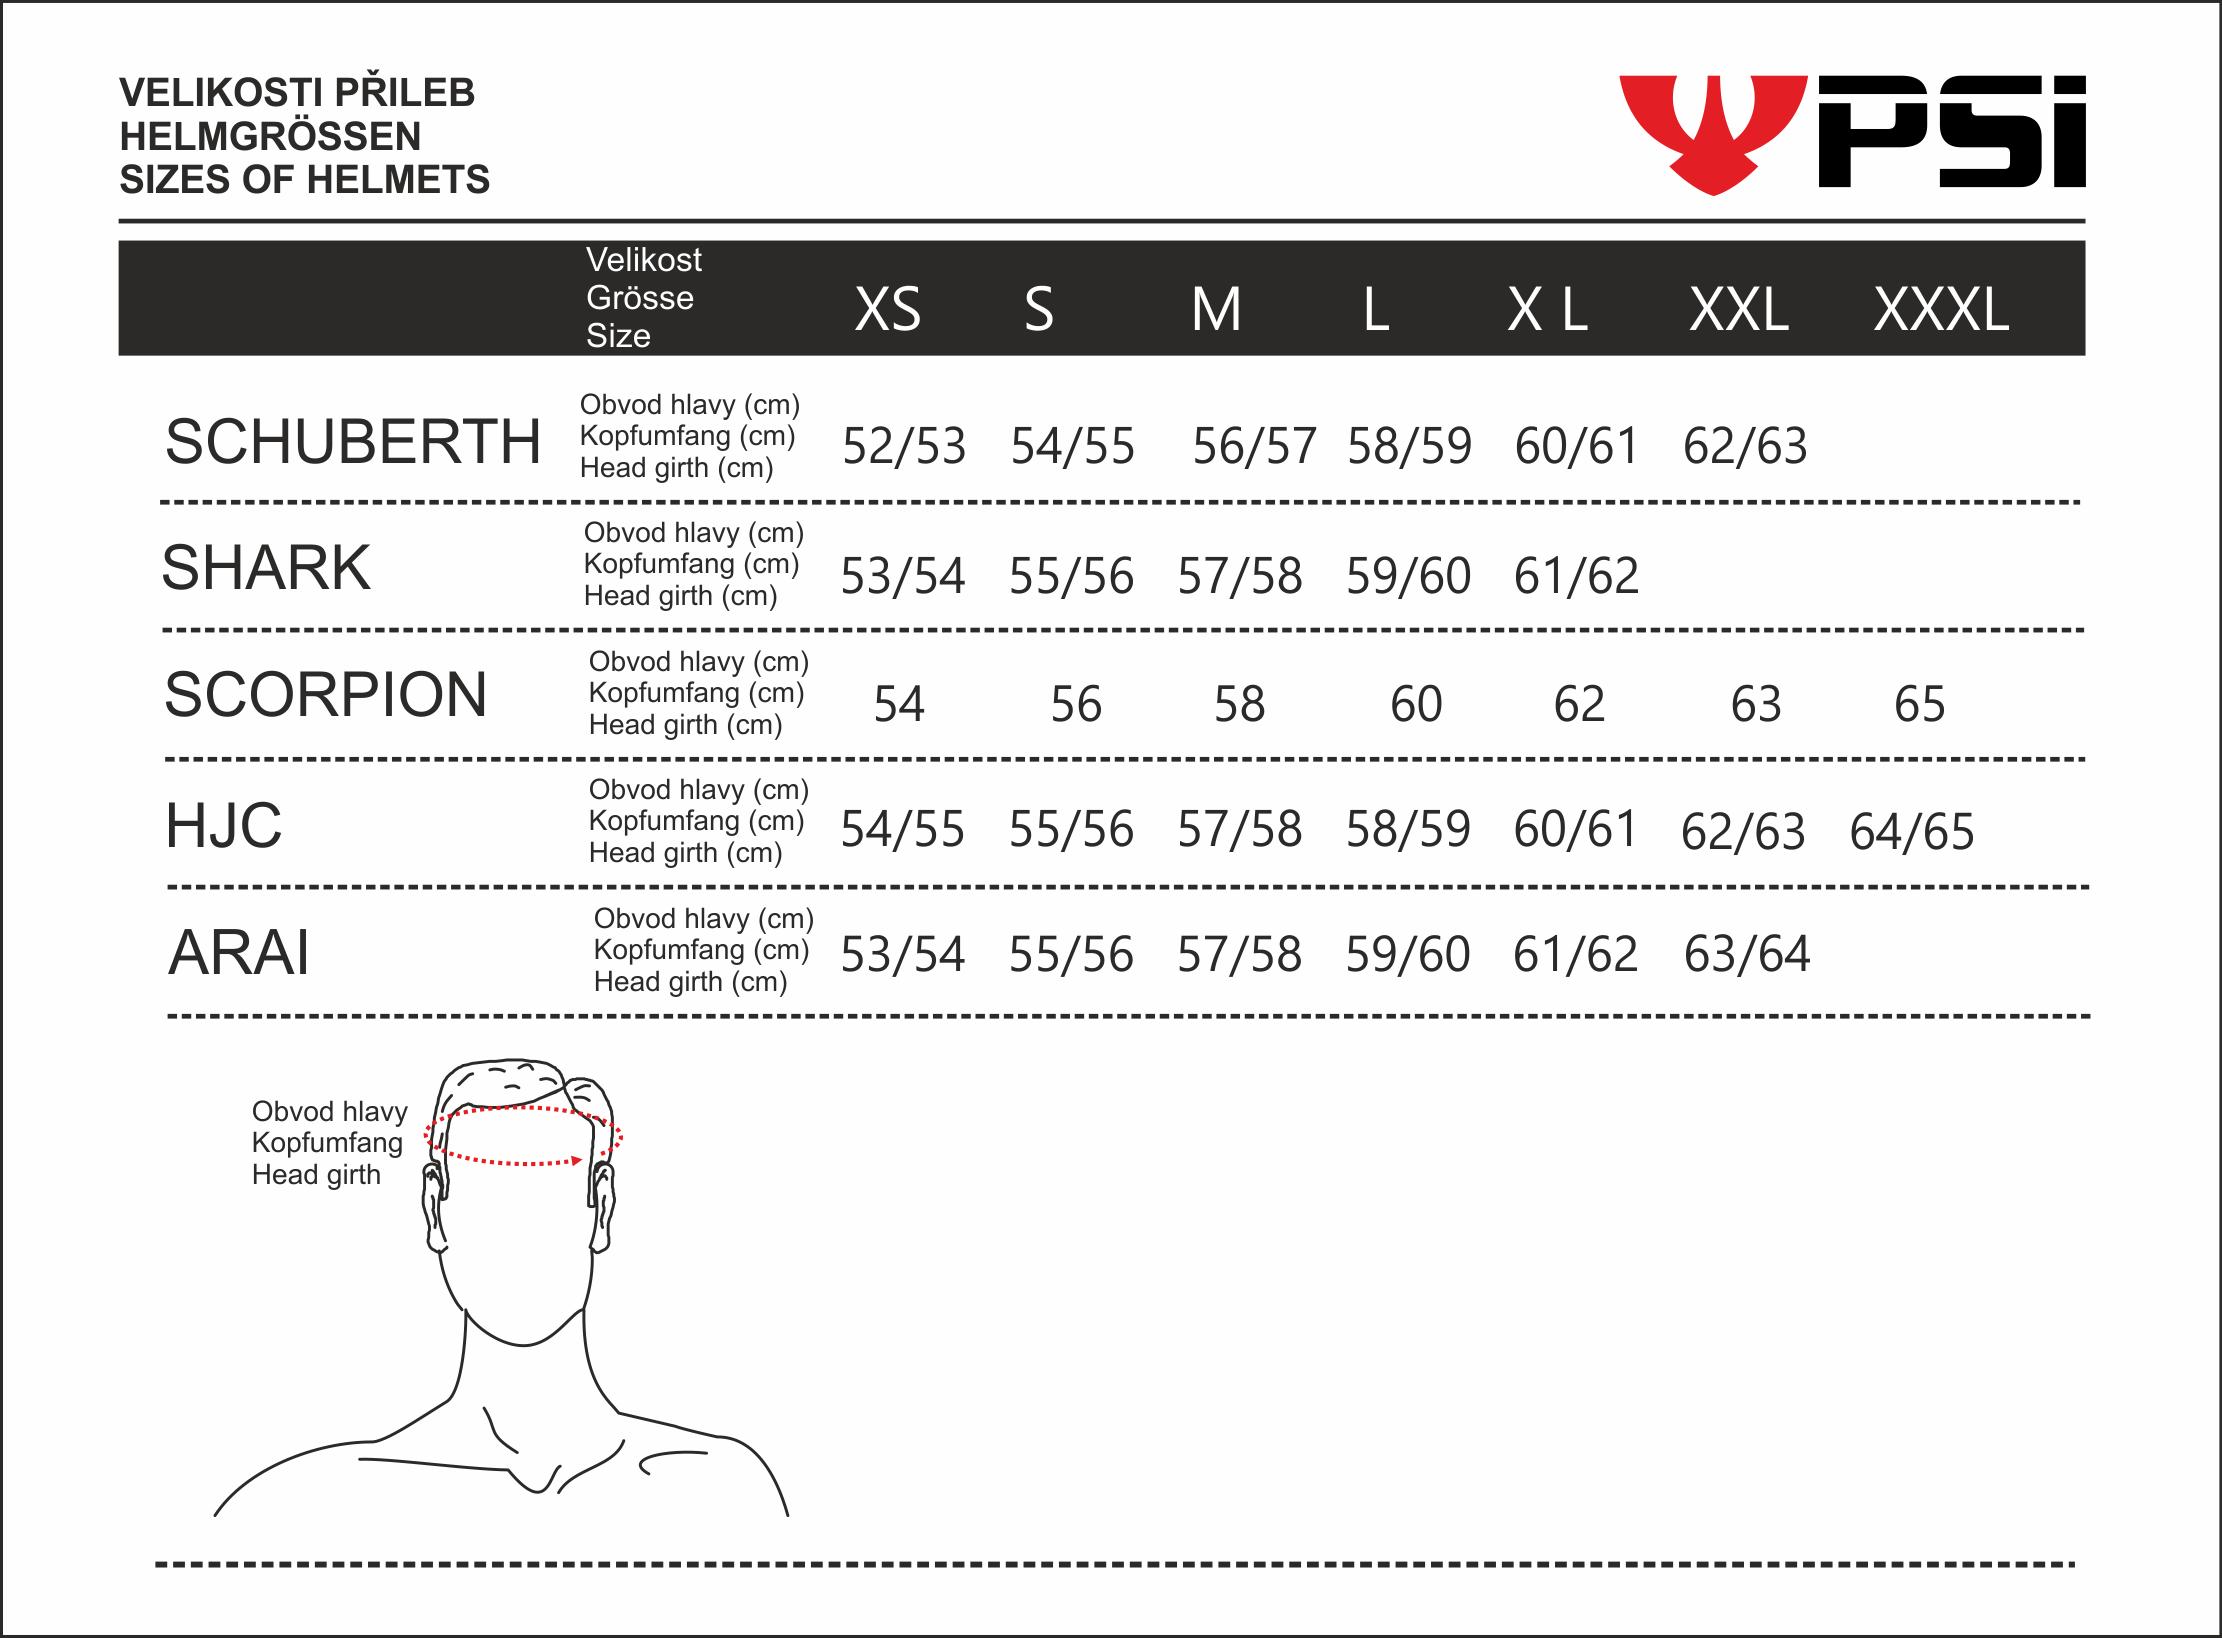 tabulka velikostí přileb.png - PSí Hubík